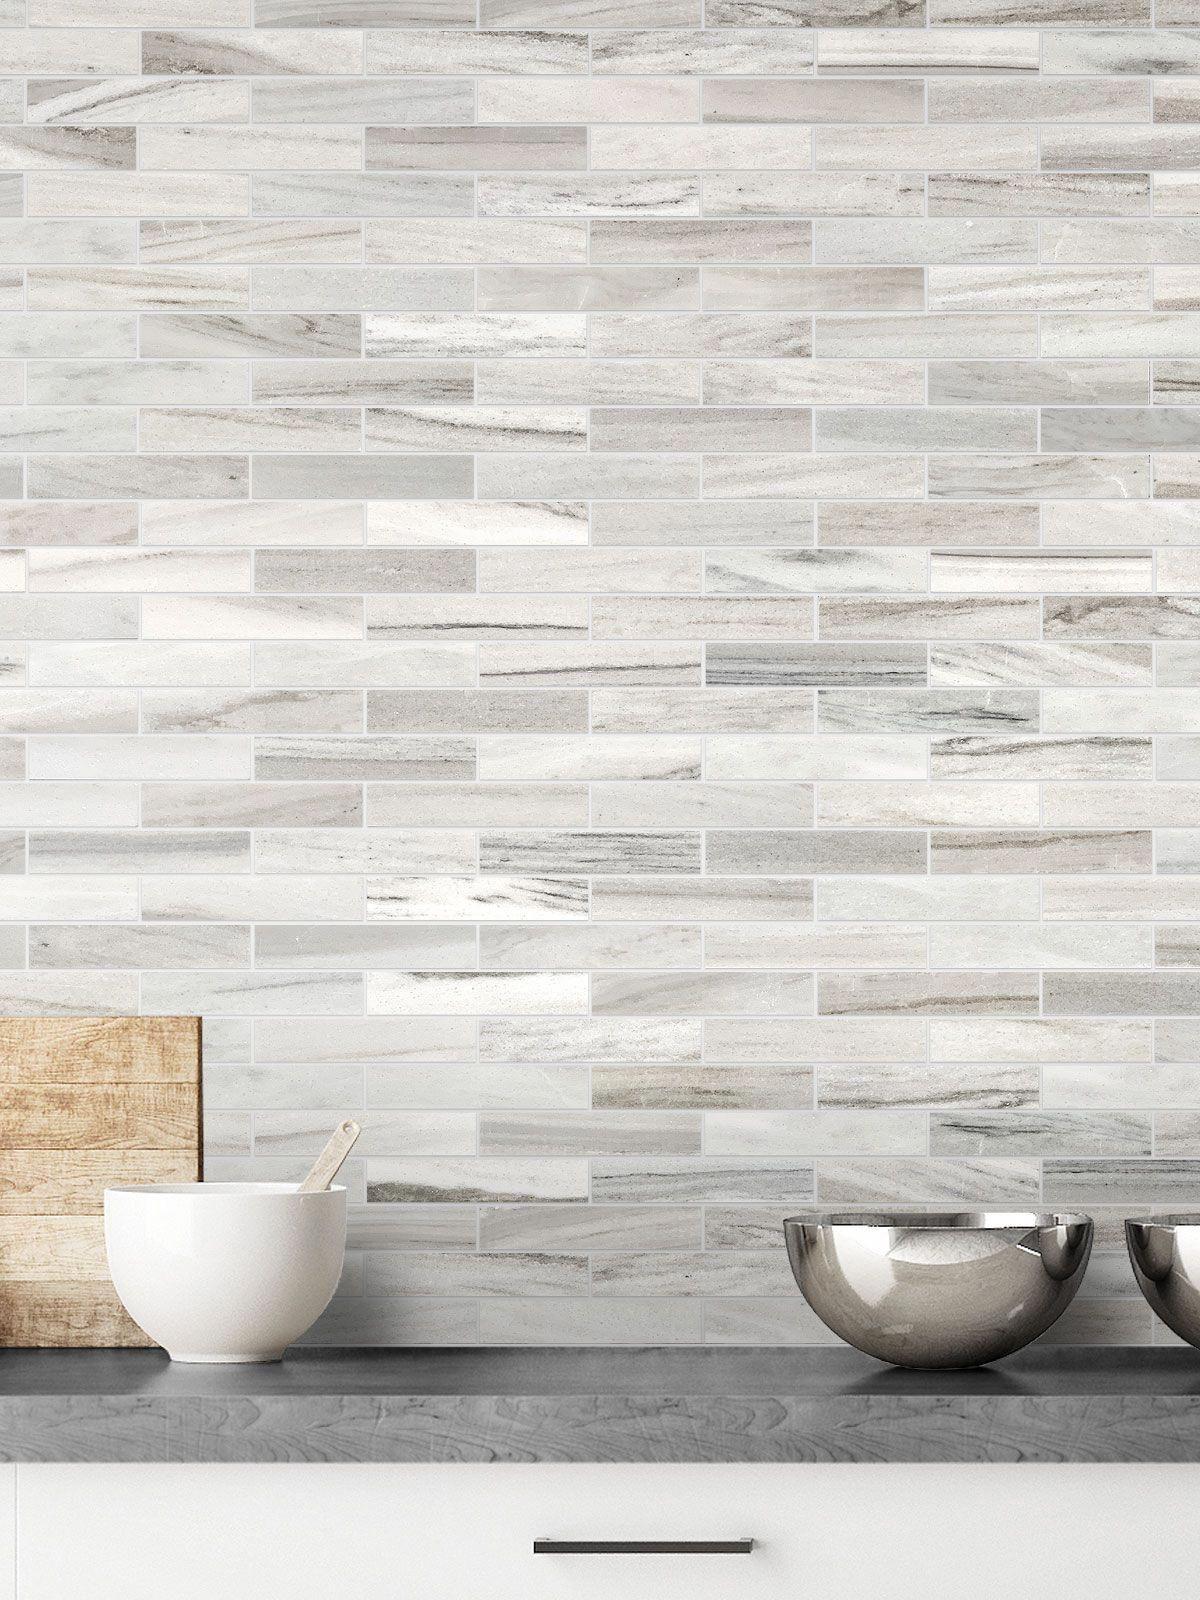 - Modern White Gray Subway Marble Backsplash Tile In 2020 Marble